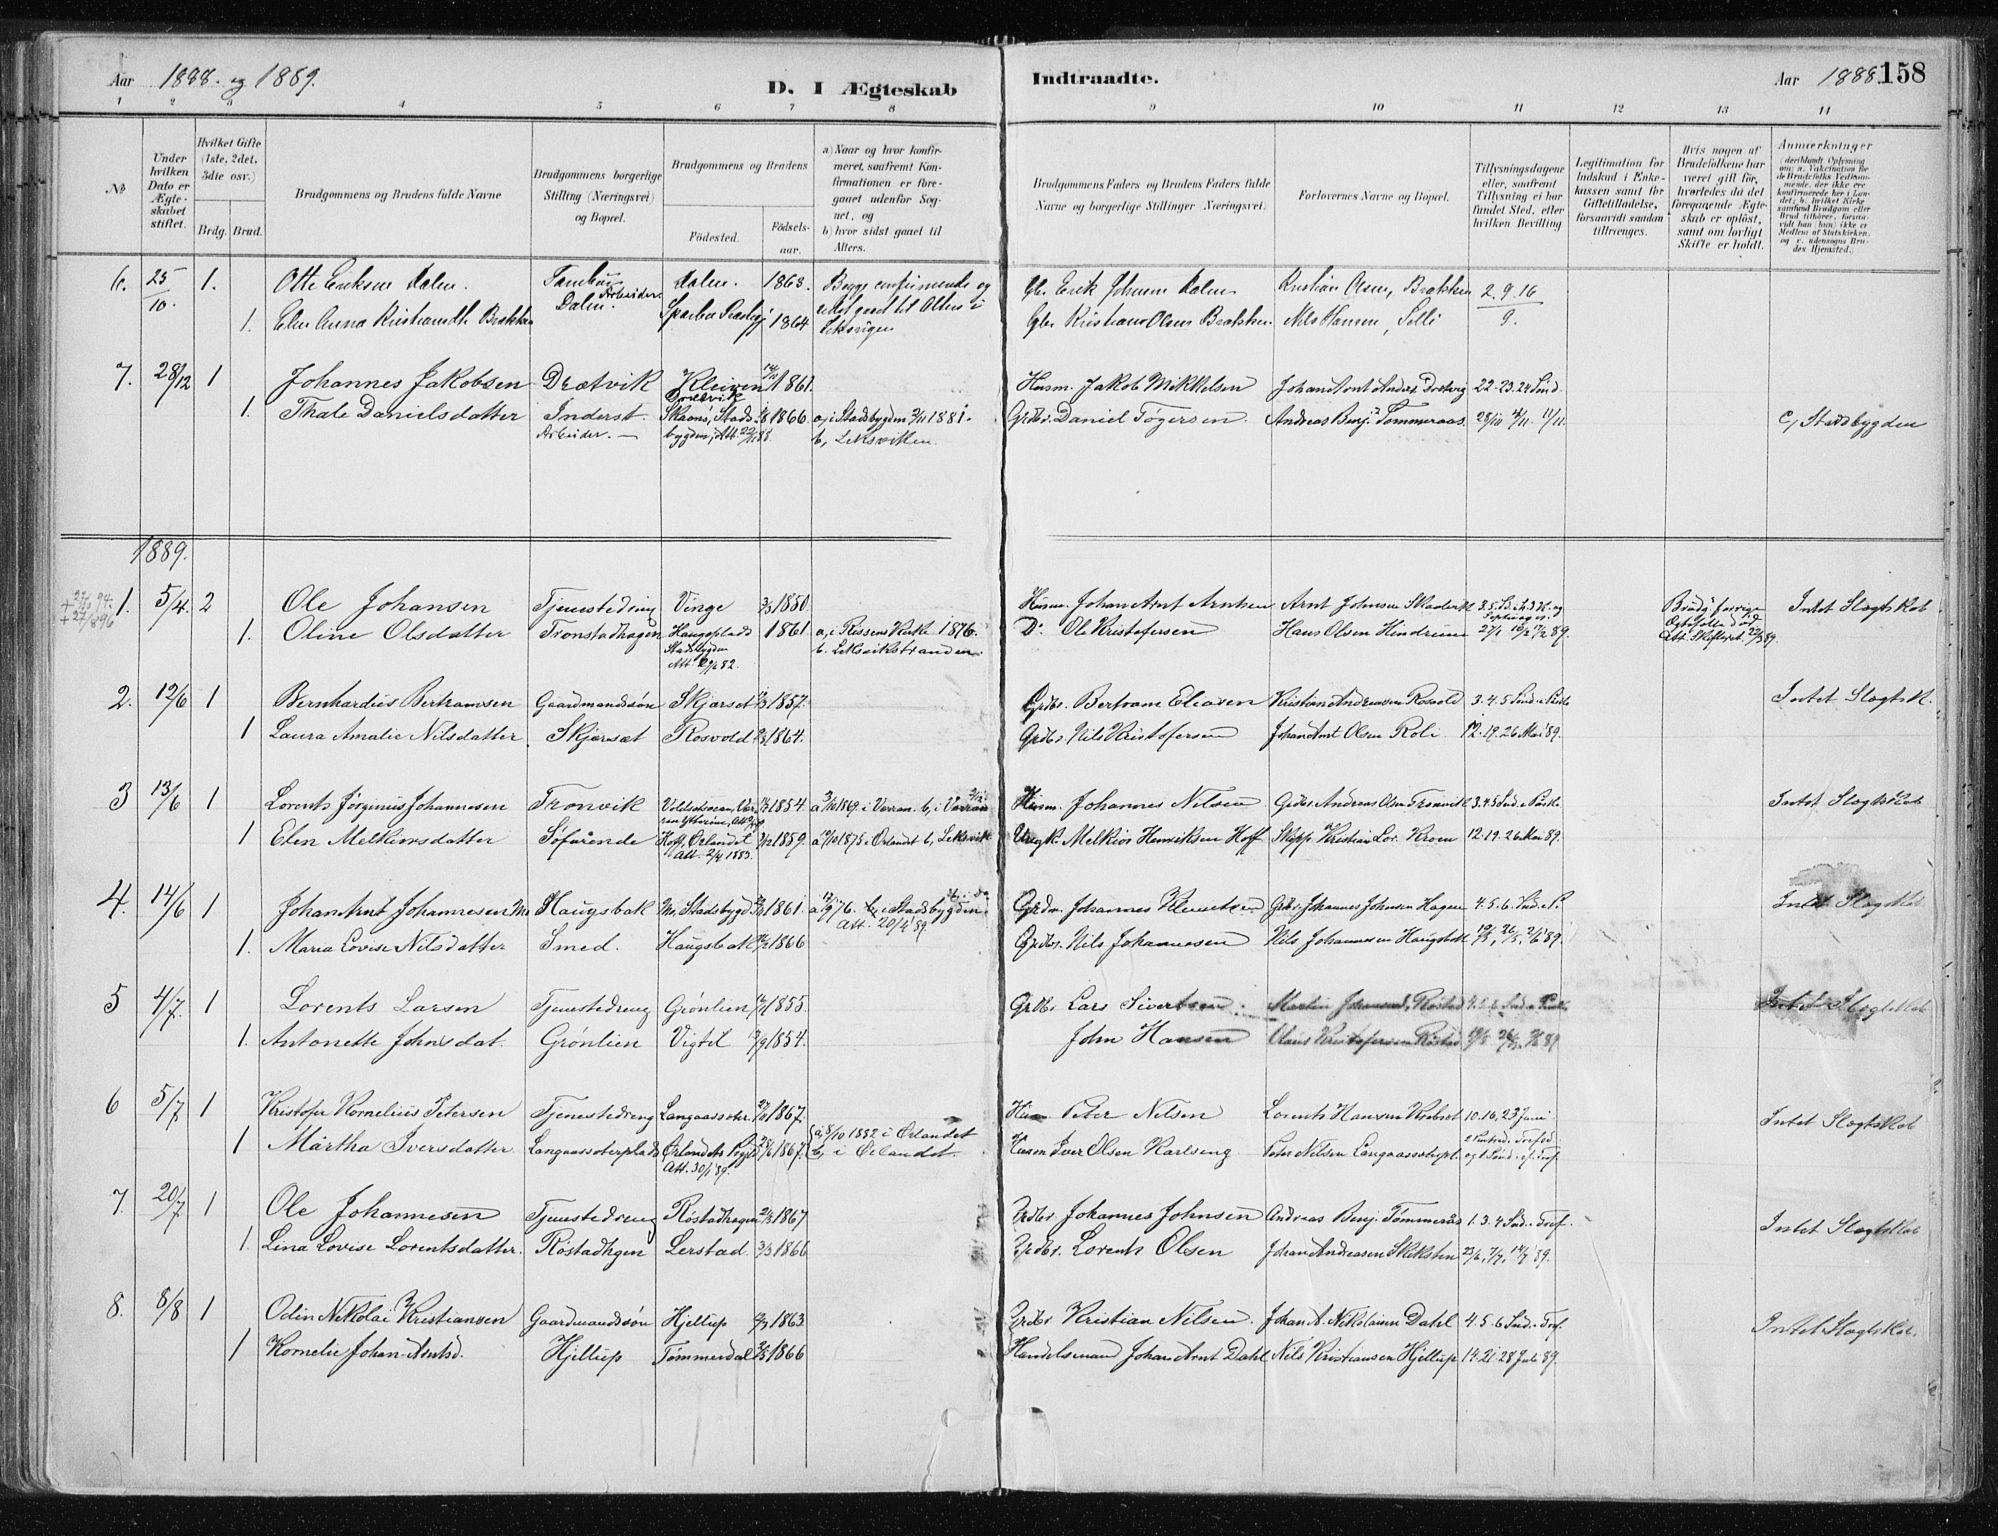 SAT, Ministerialprotokoller, klokkerbøker og fødselsregistre - Nord-Trøndelag, 701/L0010: Ministerialbok nr. 701A10, 1883-1899, s. 158